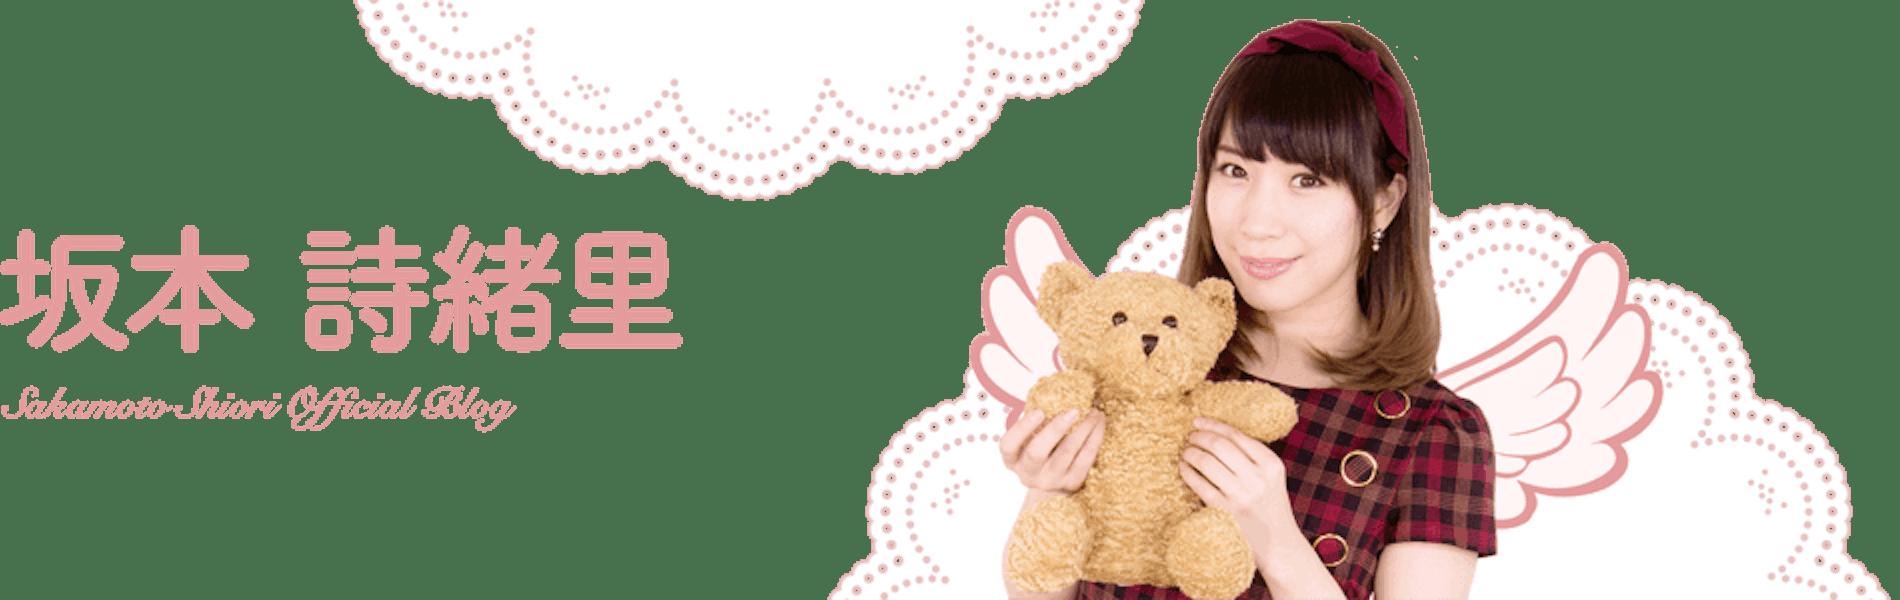 坂本詩緒里 オフィシャルブログ